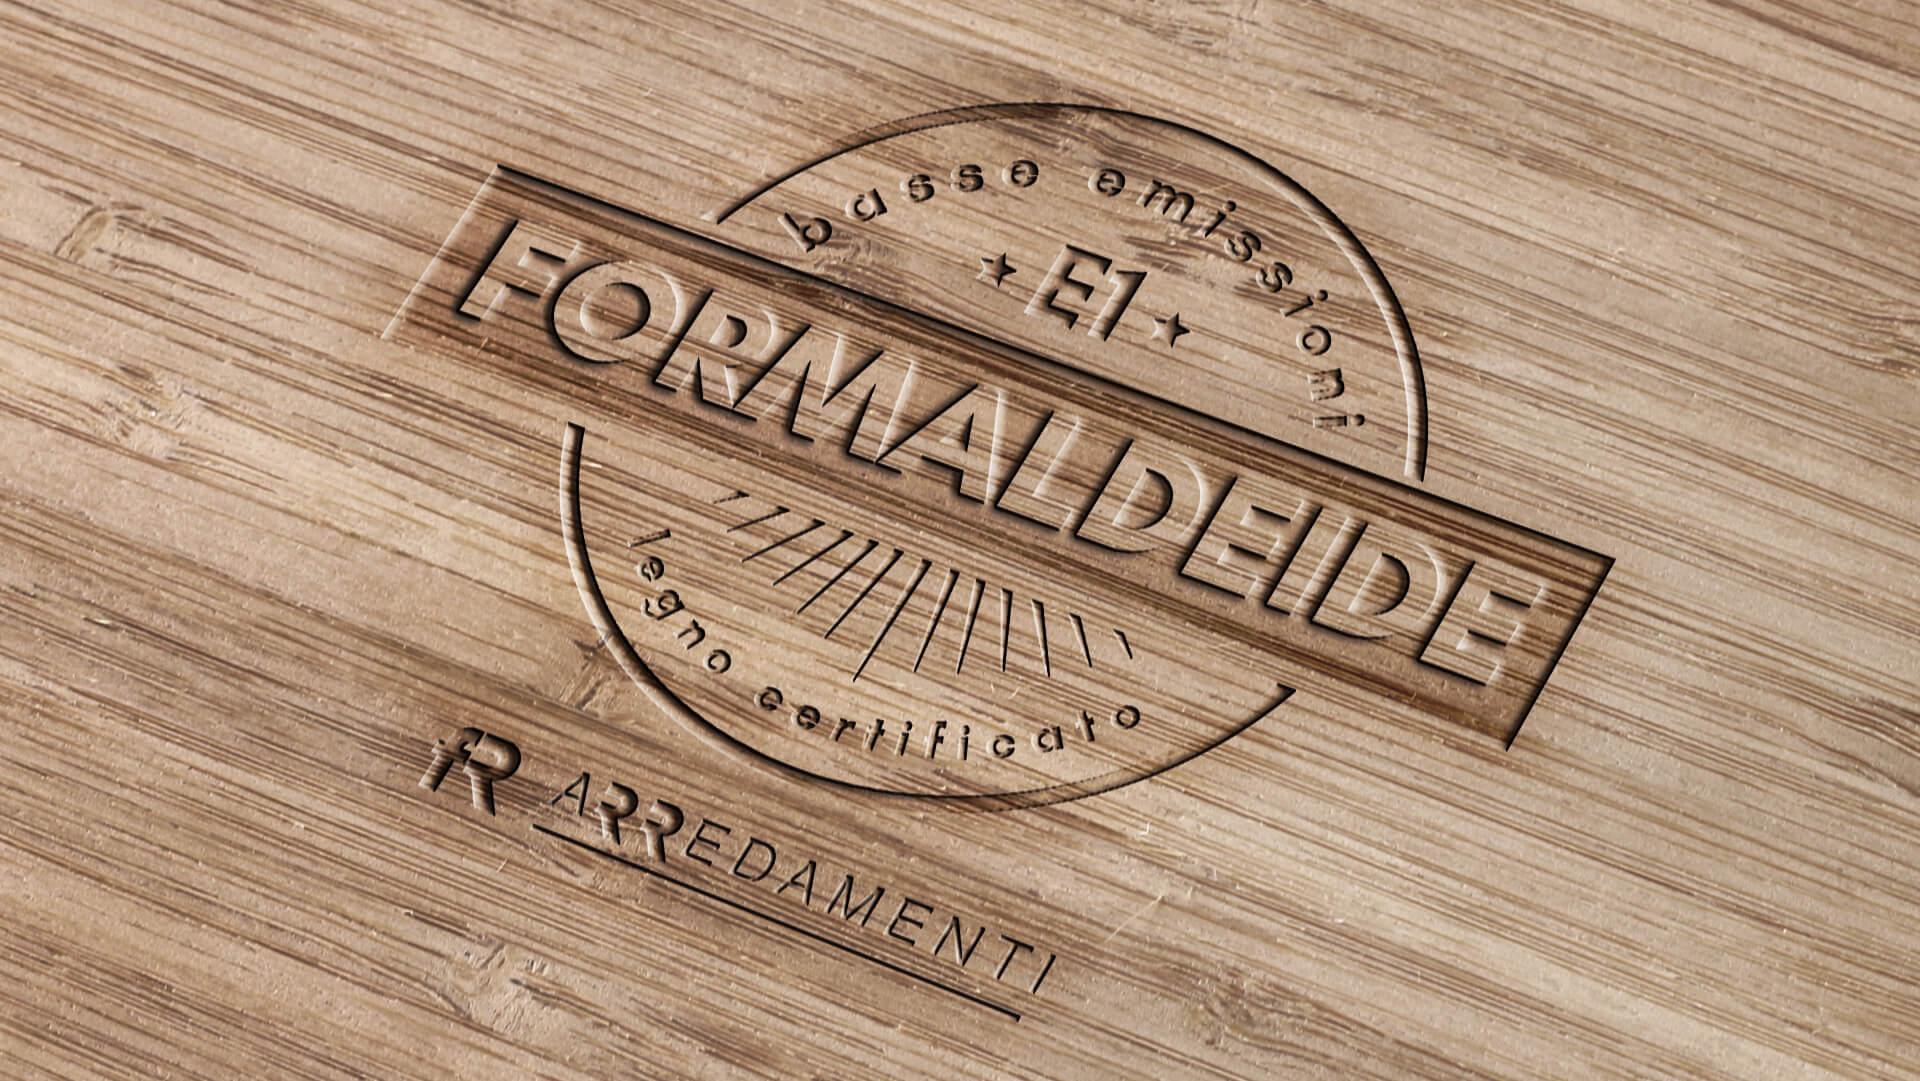 Pannelli Legno Senza Formaldeide formaldeide nei mobili: cos'è, effetti sulla salute e come